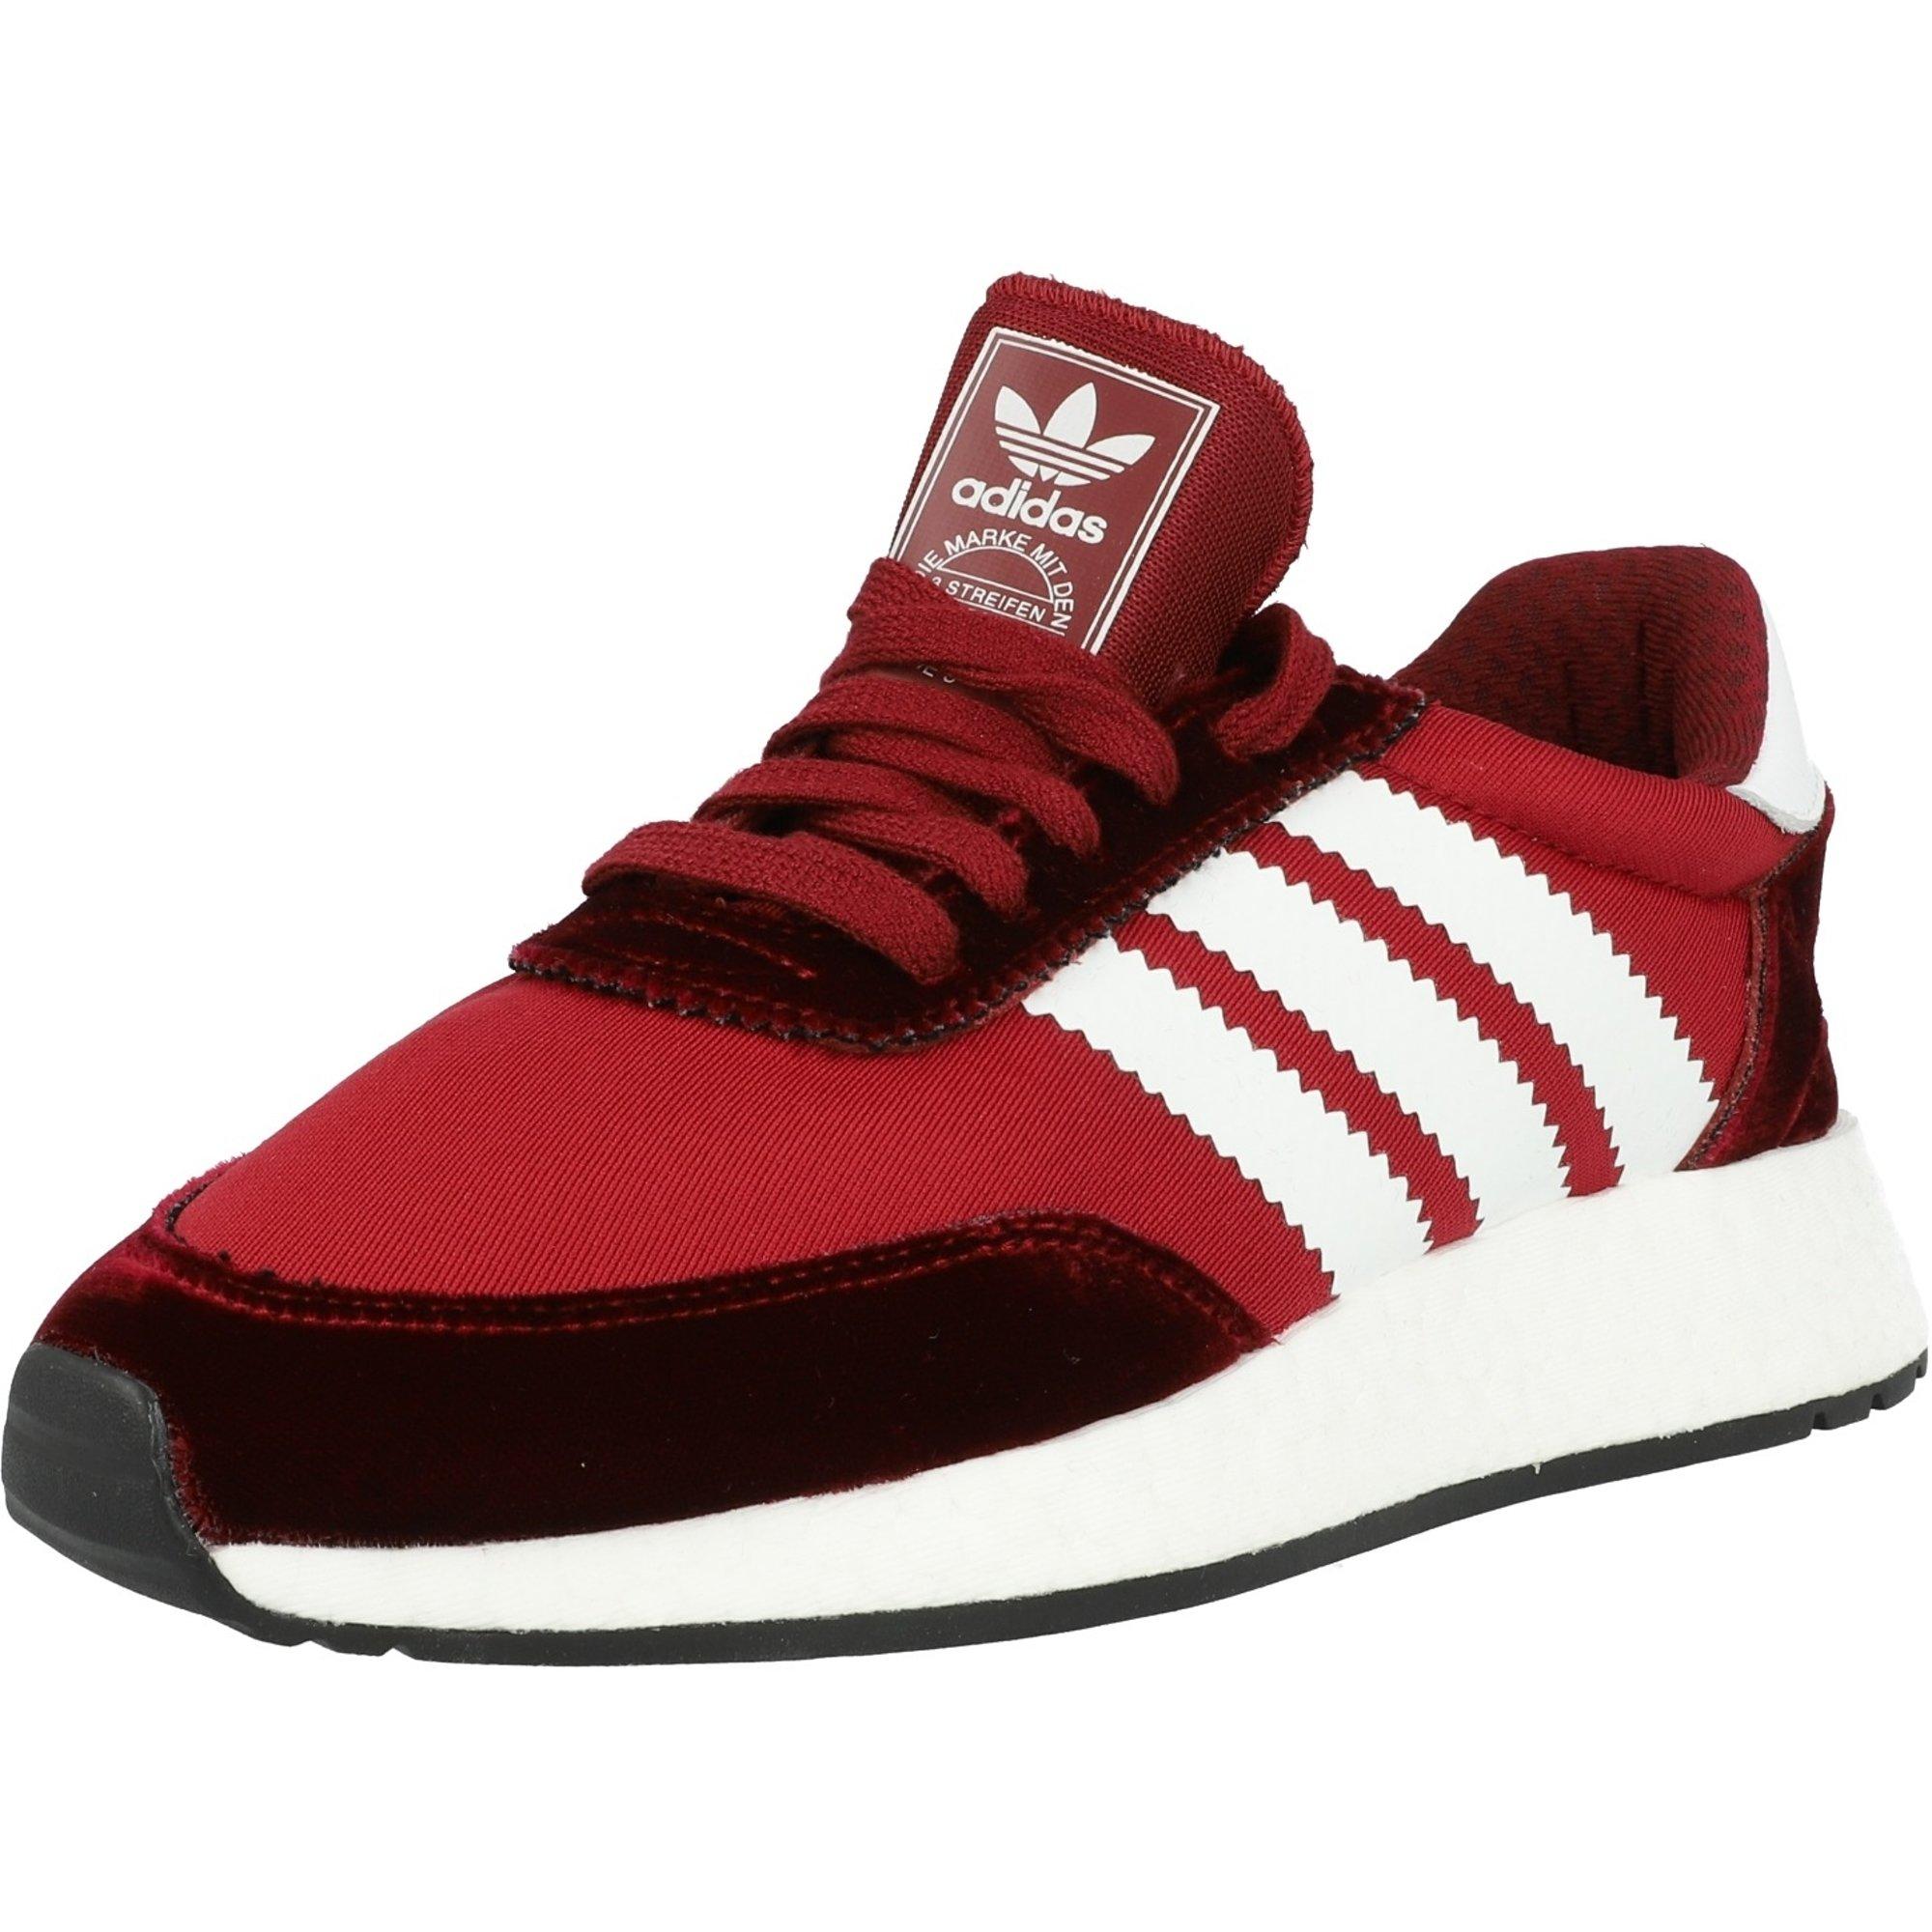 Agotar Soberano Comenzar  adidas Originals I-5923 W Collegiate Burgundy/Black Velvet - Trainers Shoes  - Awesome Shoes